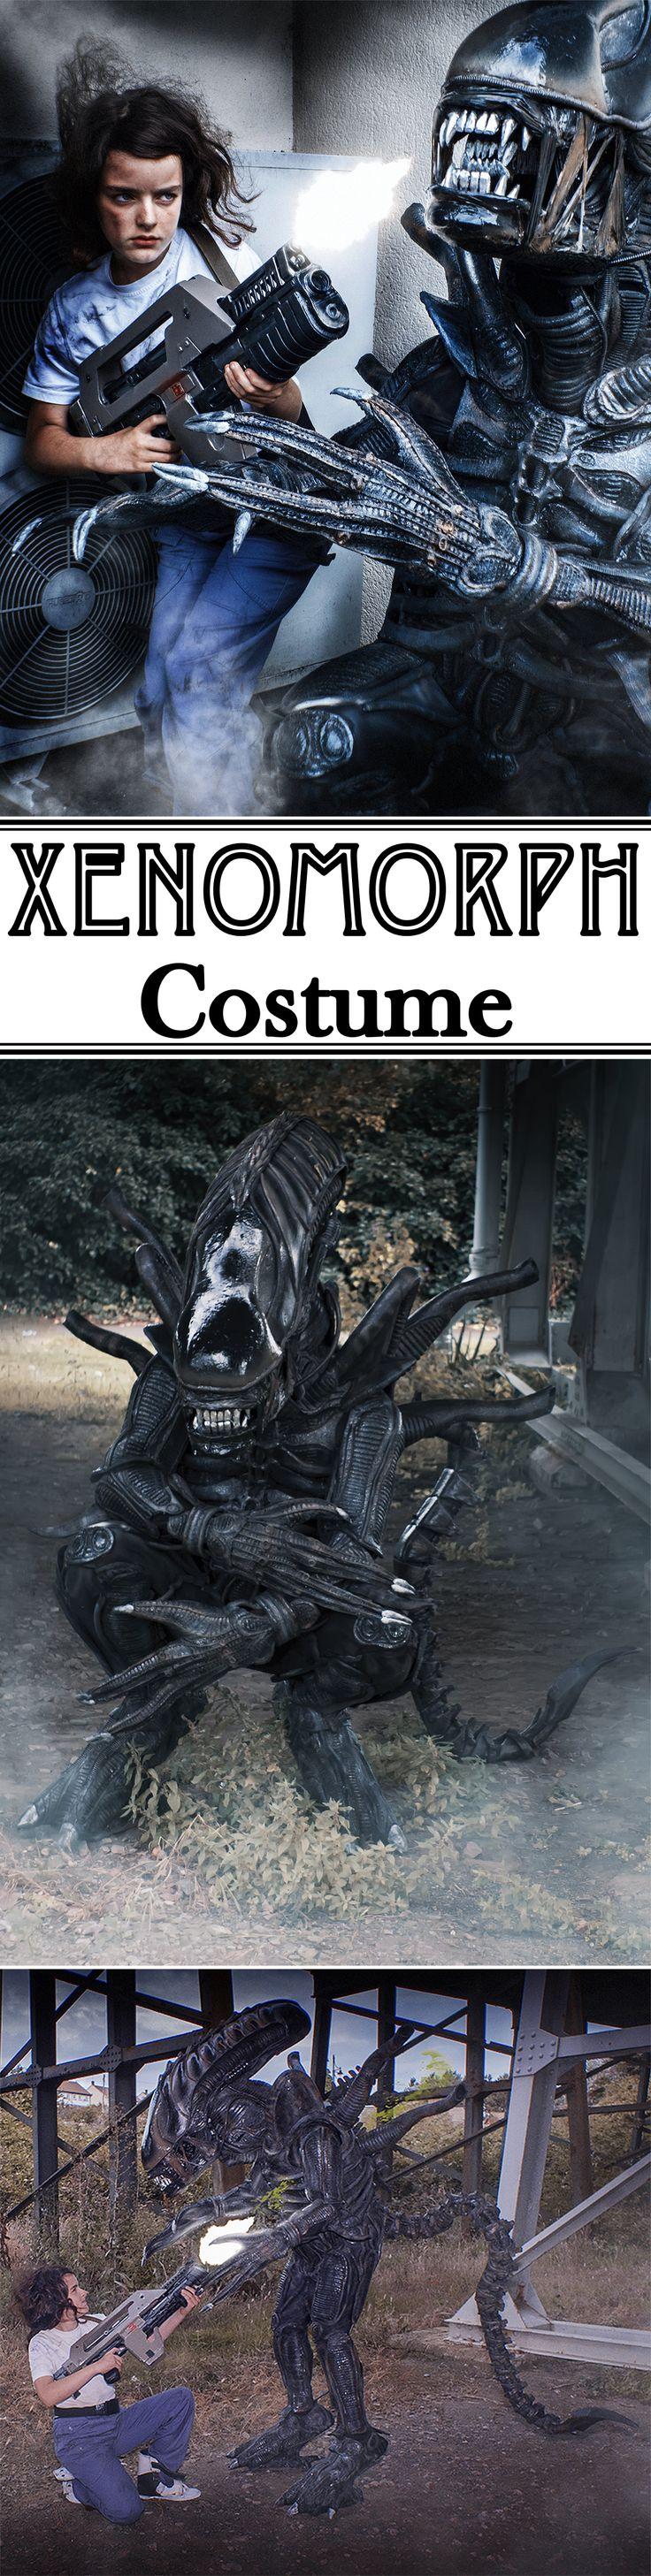 Full-size Xenomorph Alien costume!